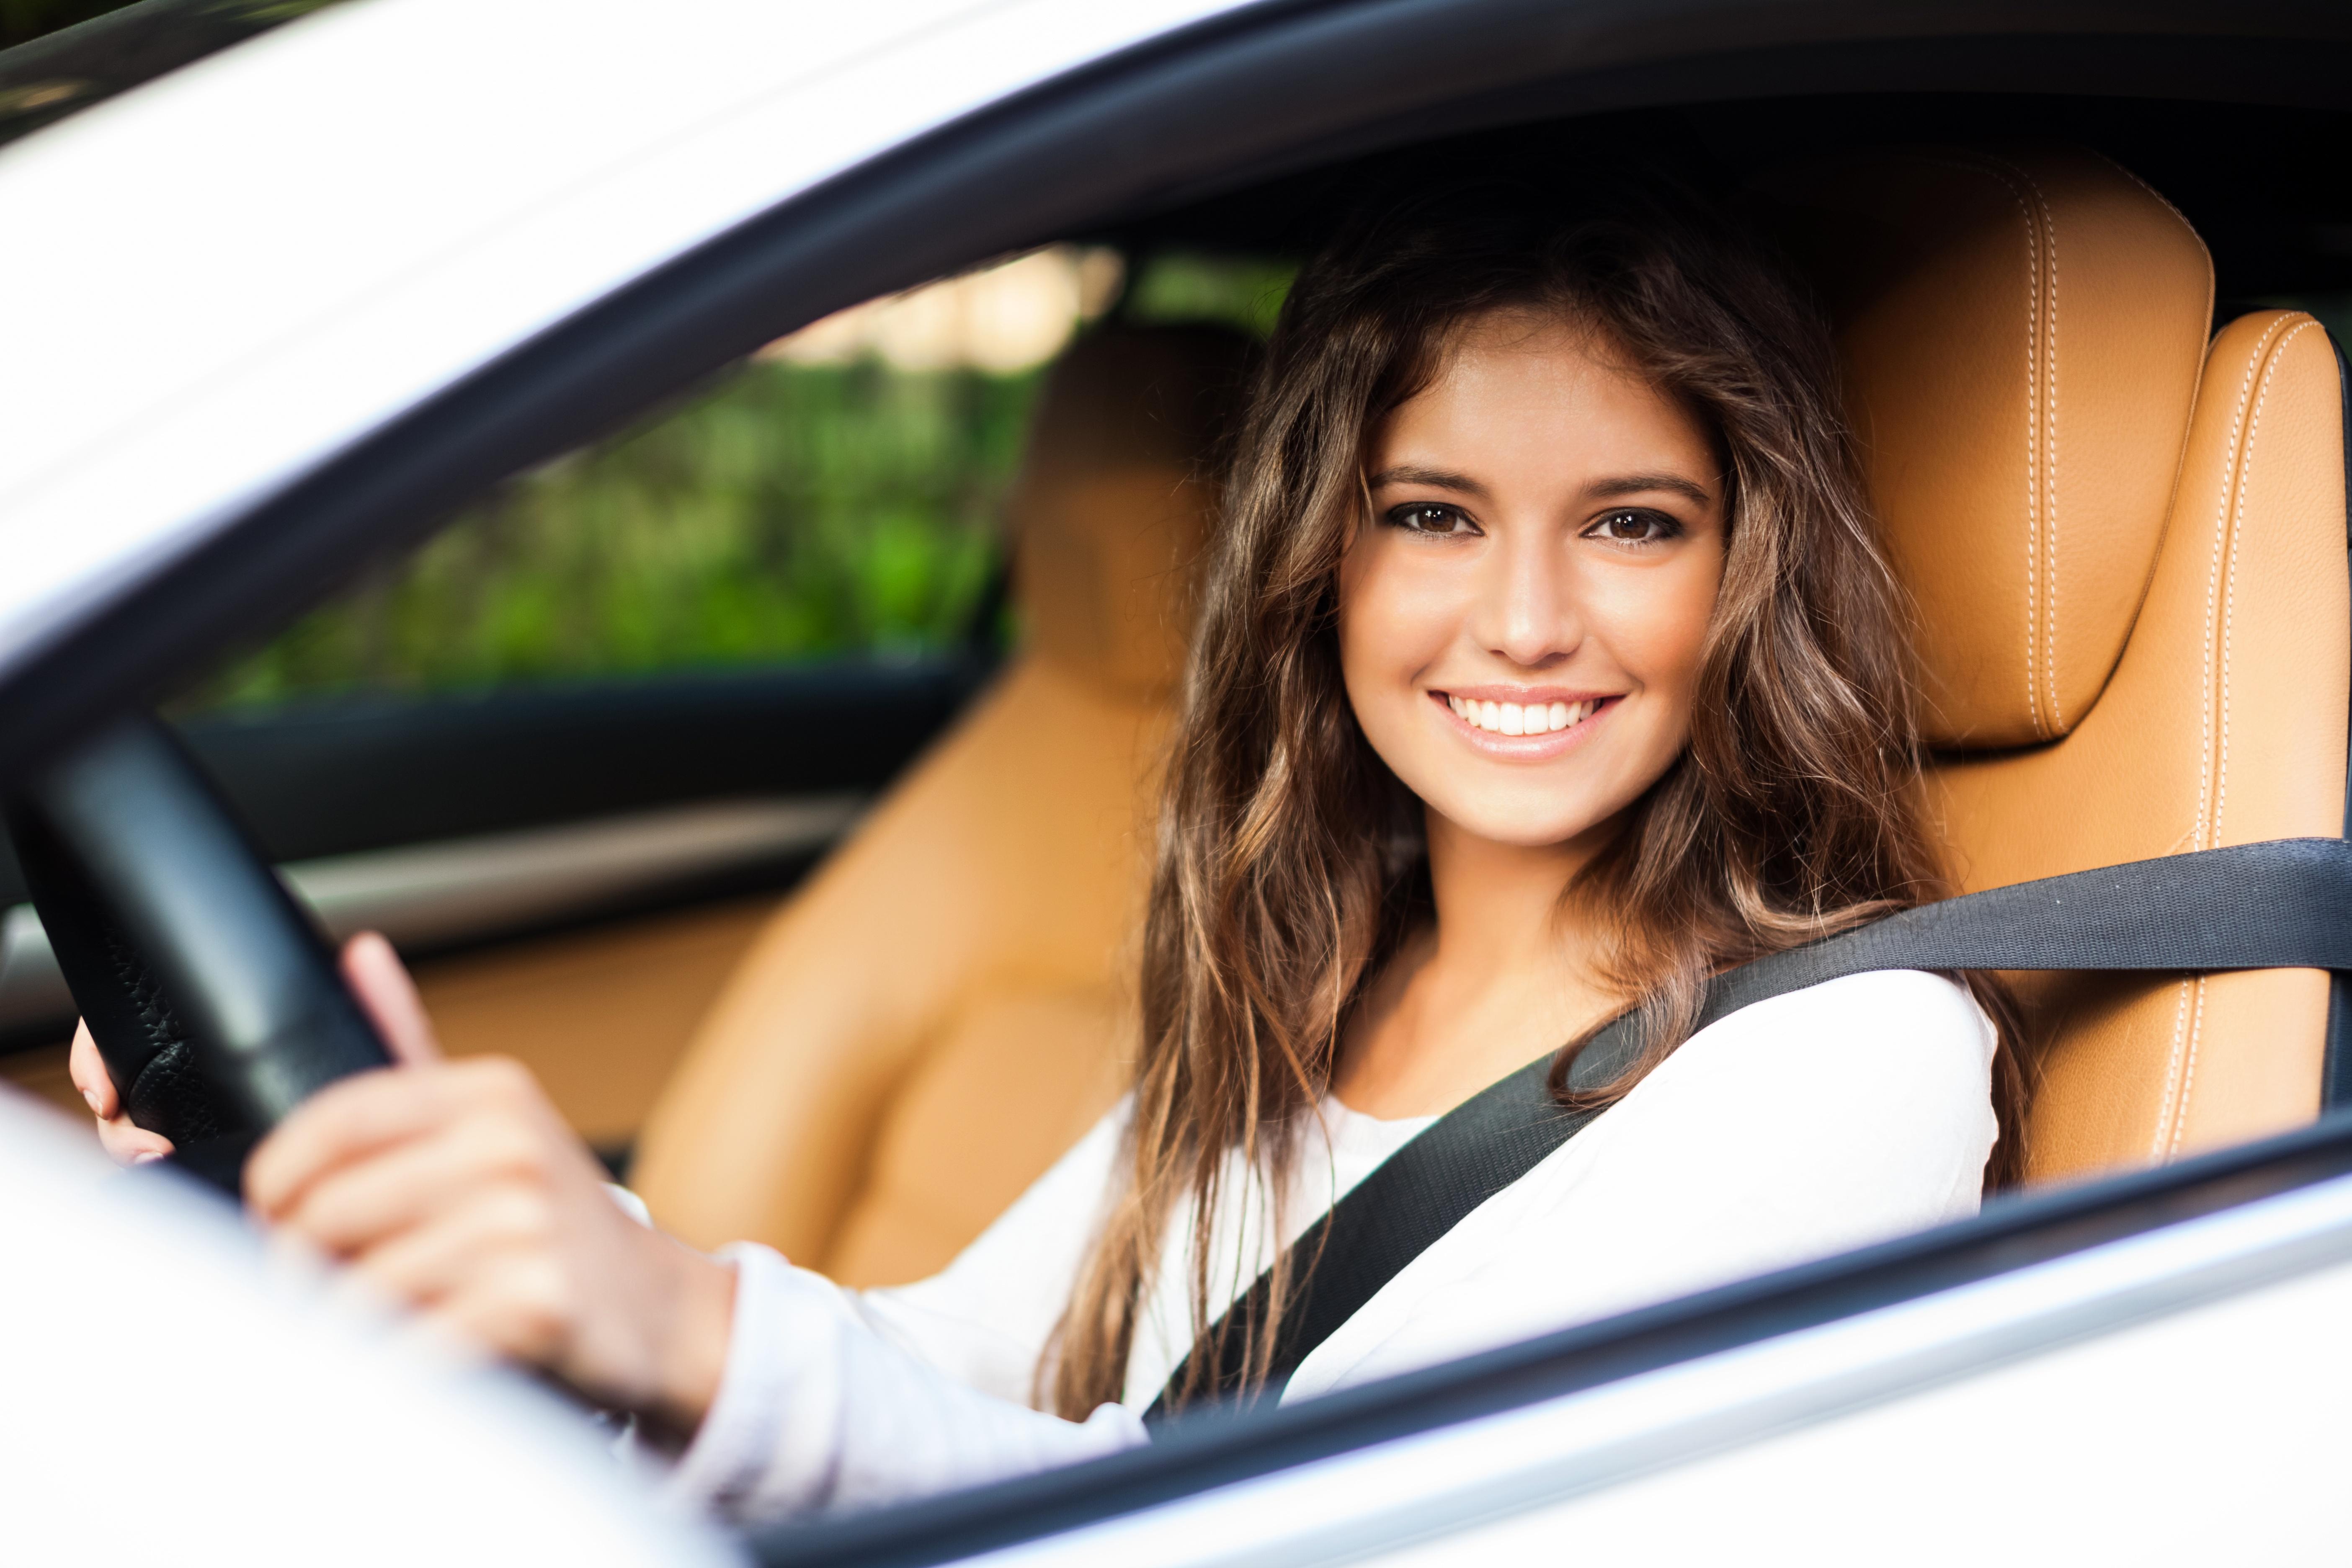 kak-pravilno-vybrat-pervyy-v-zhizni-avtomobil-syurprizy-i-opasnosti-3